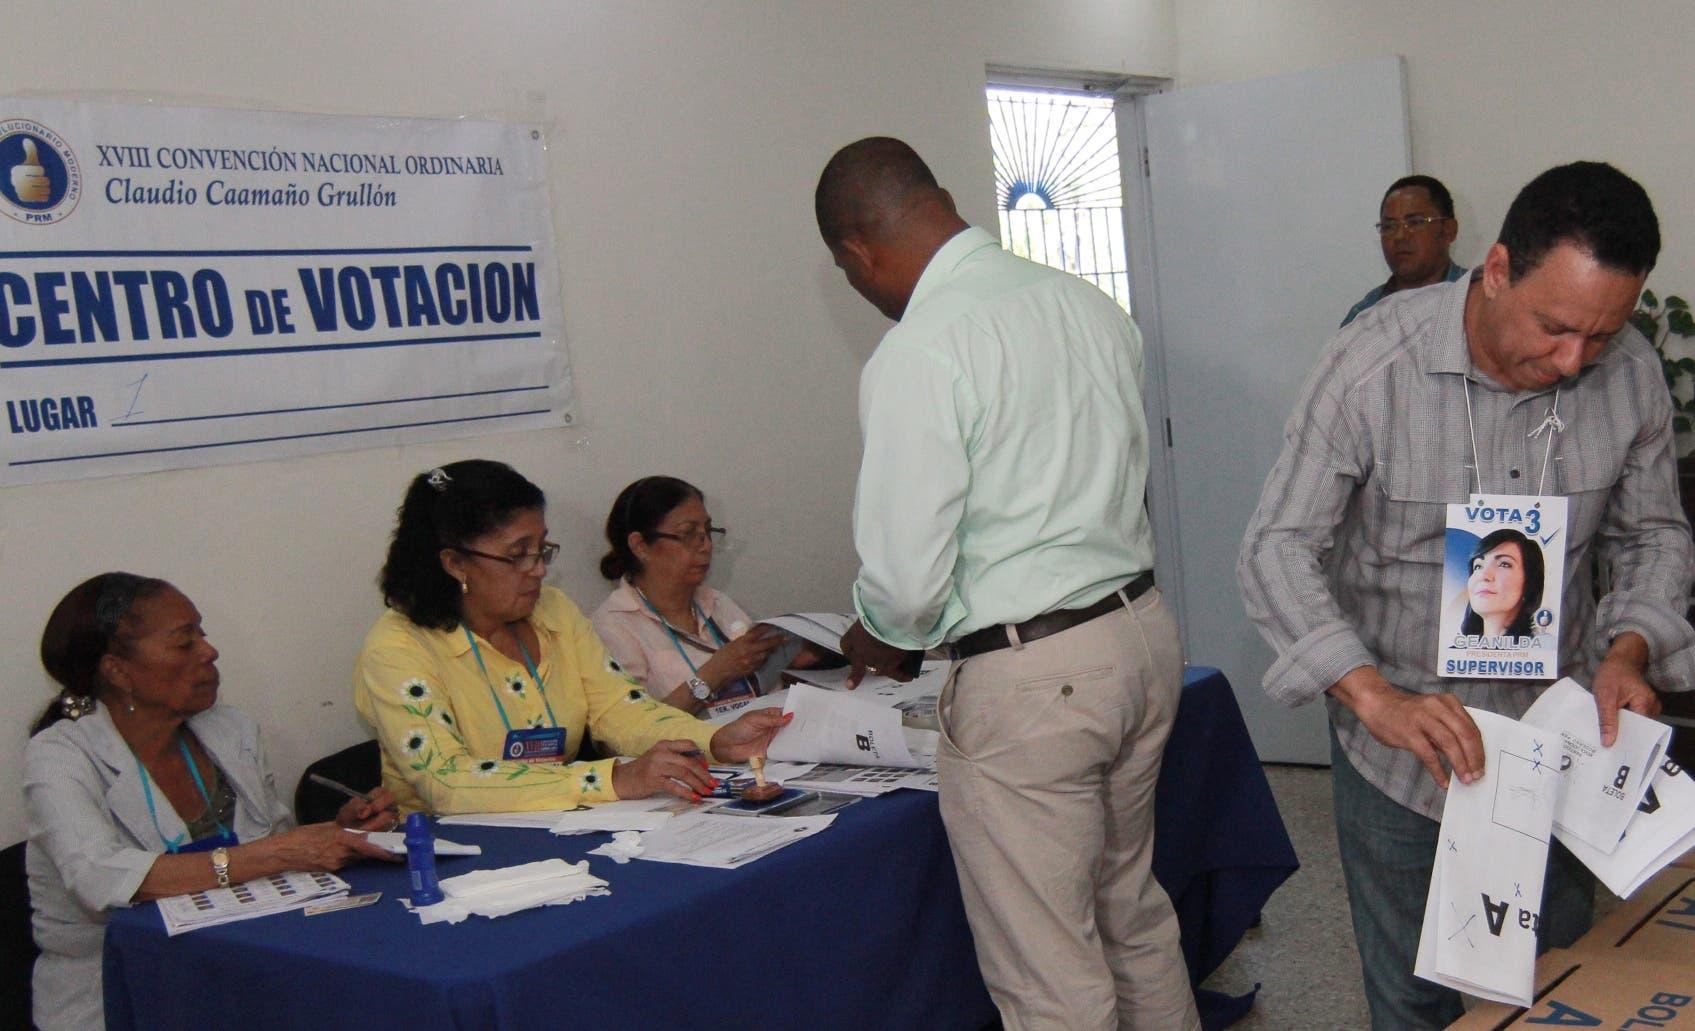 El PRM es  primero en realizar elecciones internas con su propio padrón para elegir las autoridades.  ARCHIVO